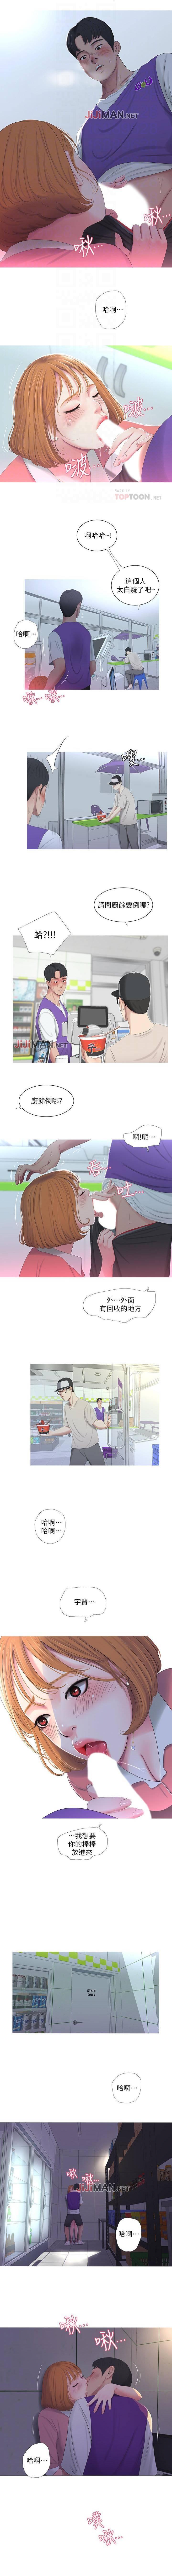 【周四连载】亲家四姐妹(作者:愛摸) 第1~27话 41